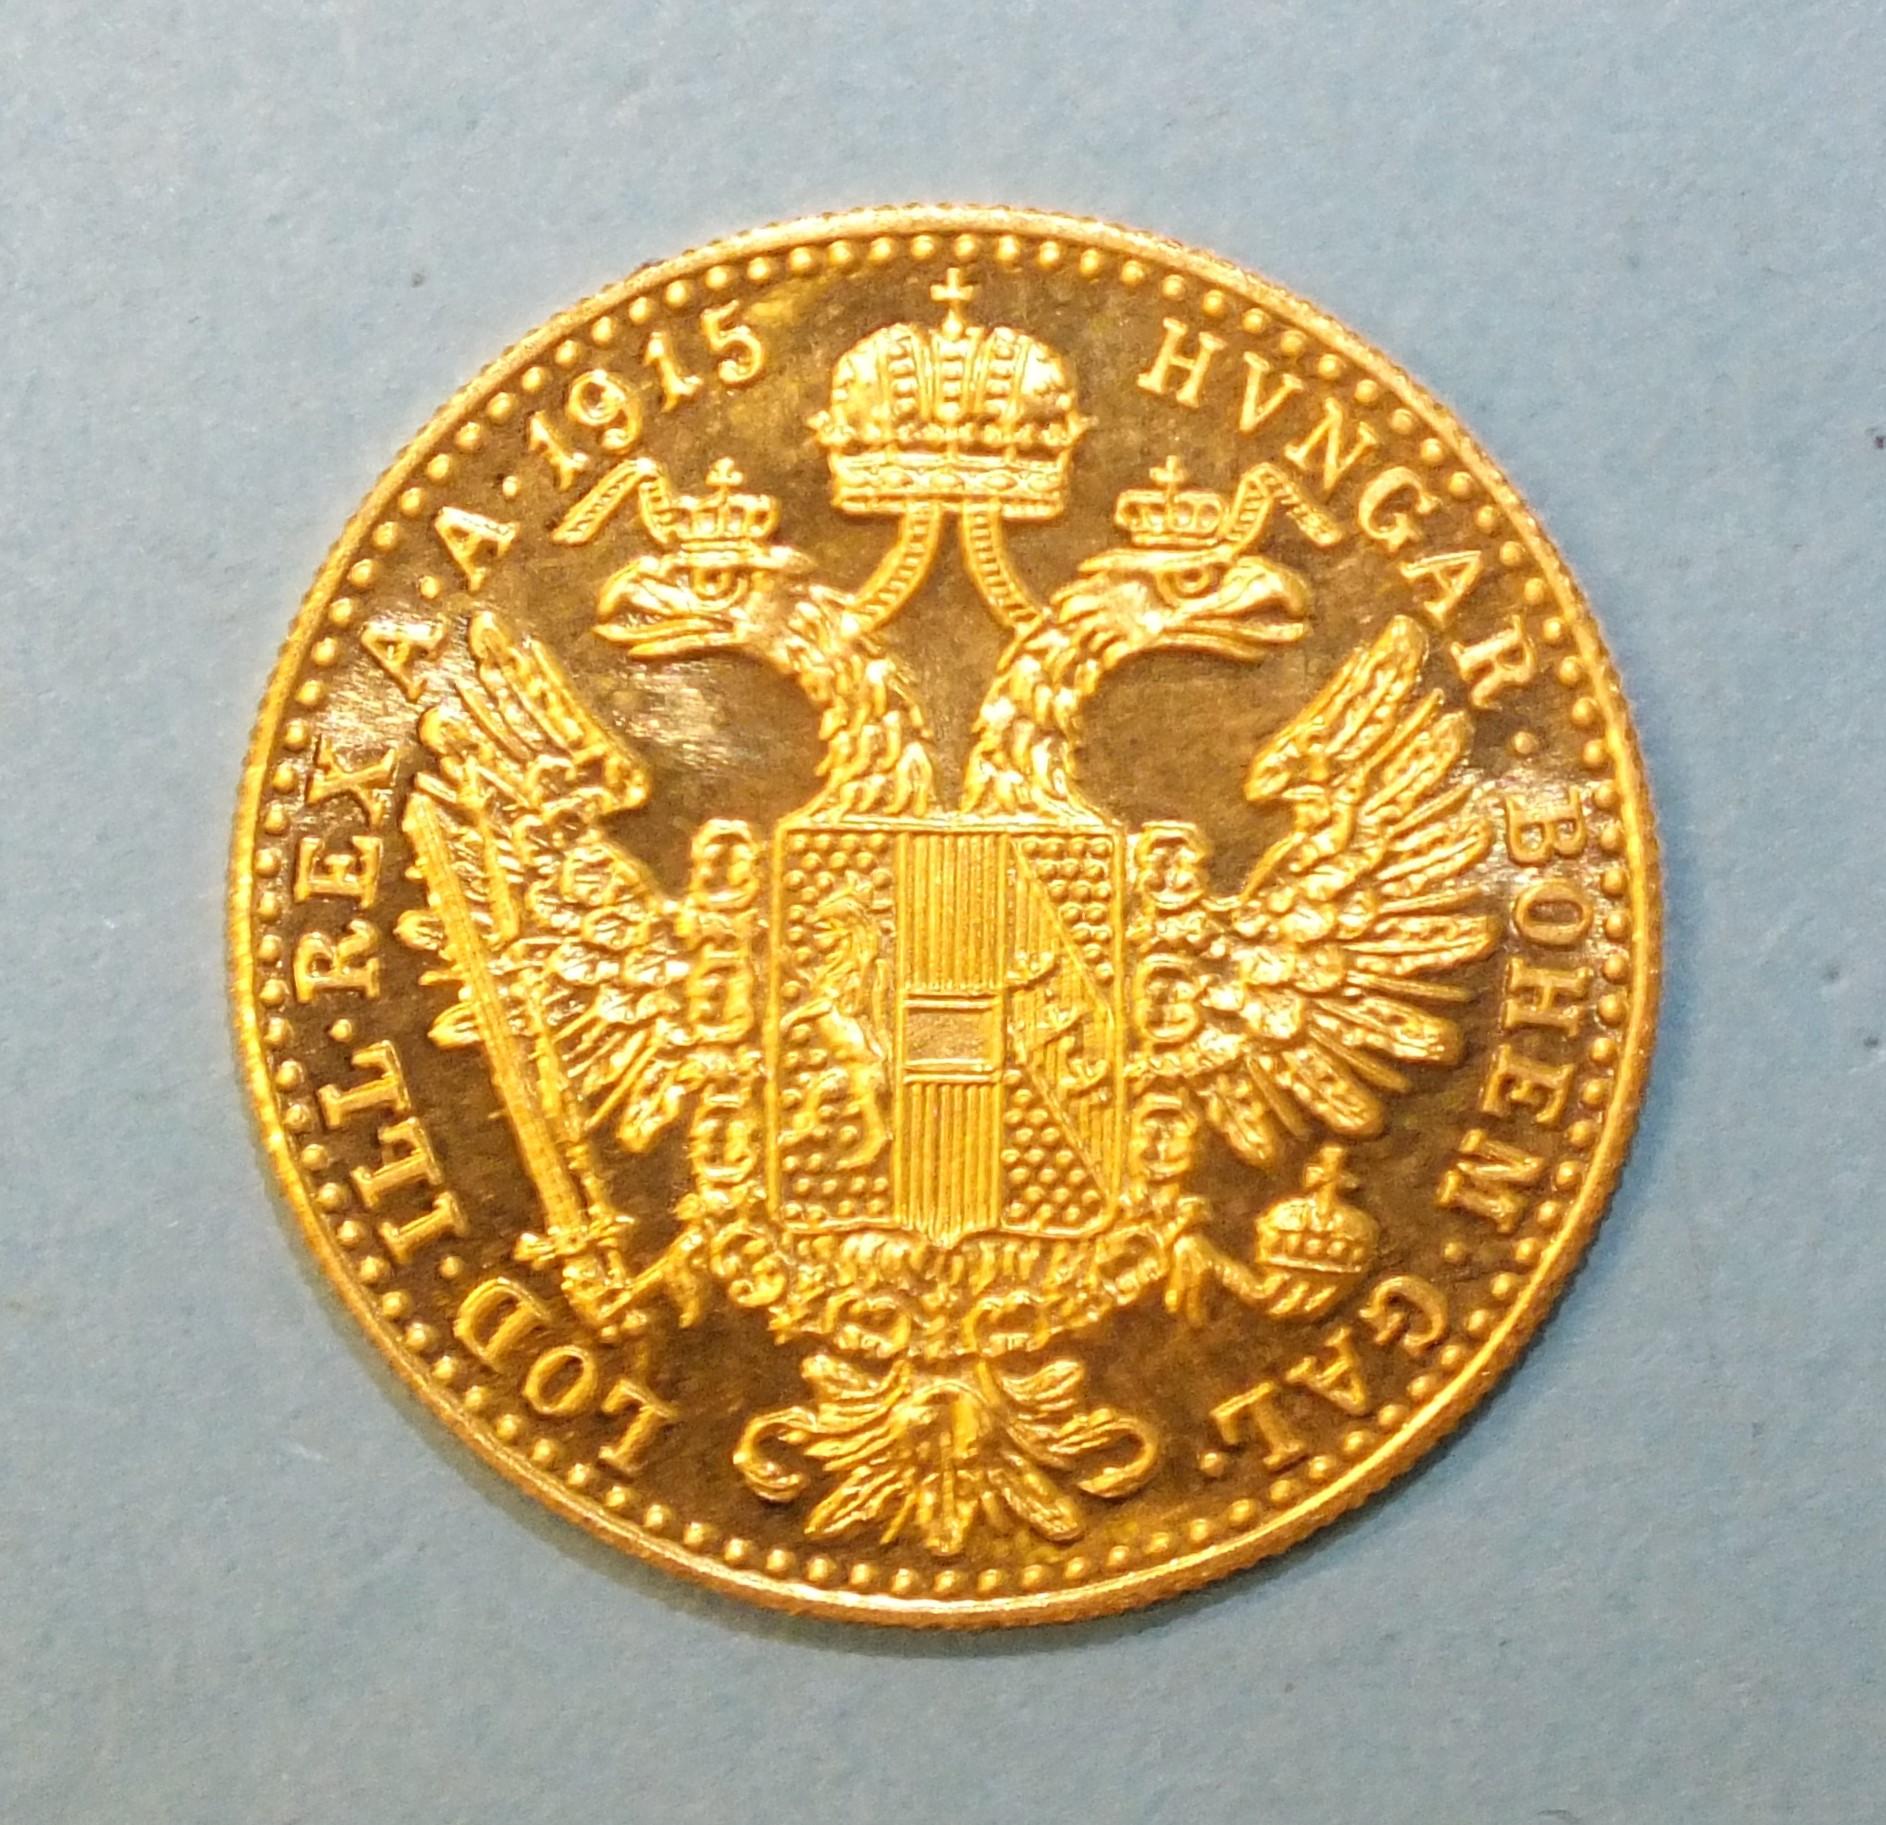 A 1915 Austria 1-ducat gold coin, 3.5g.